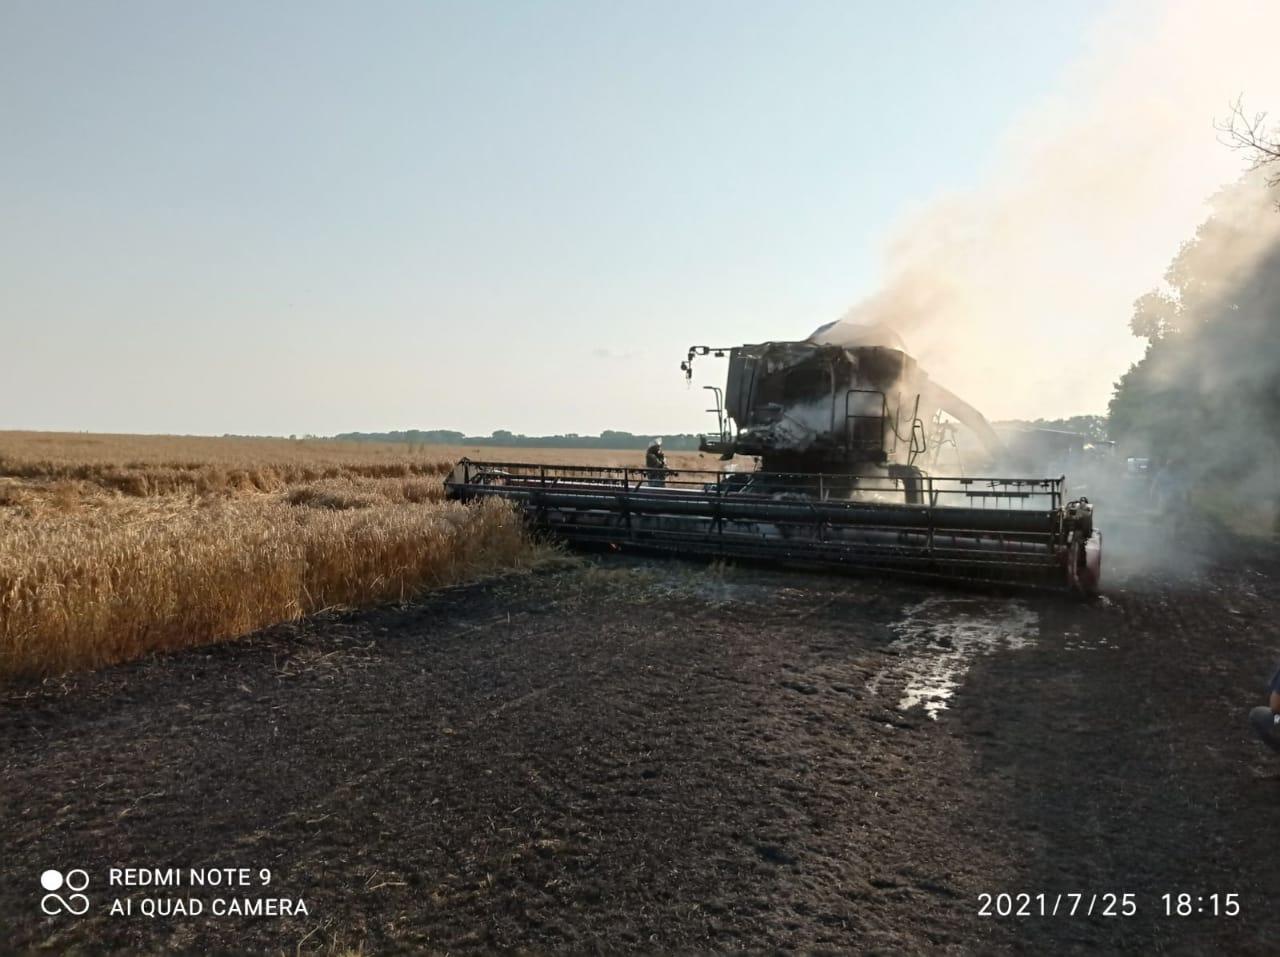 Пожежа комбайн Калита, фото - ДСНС